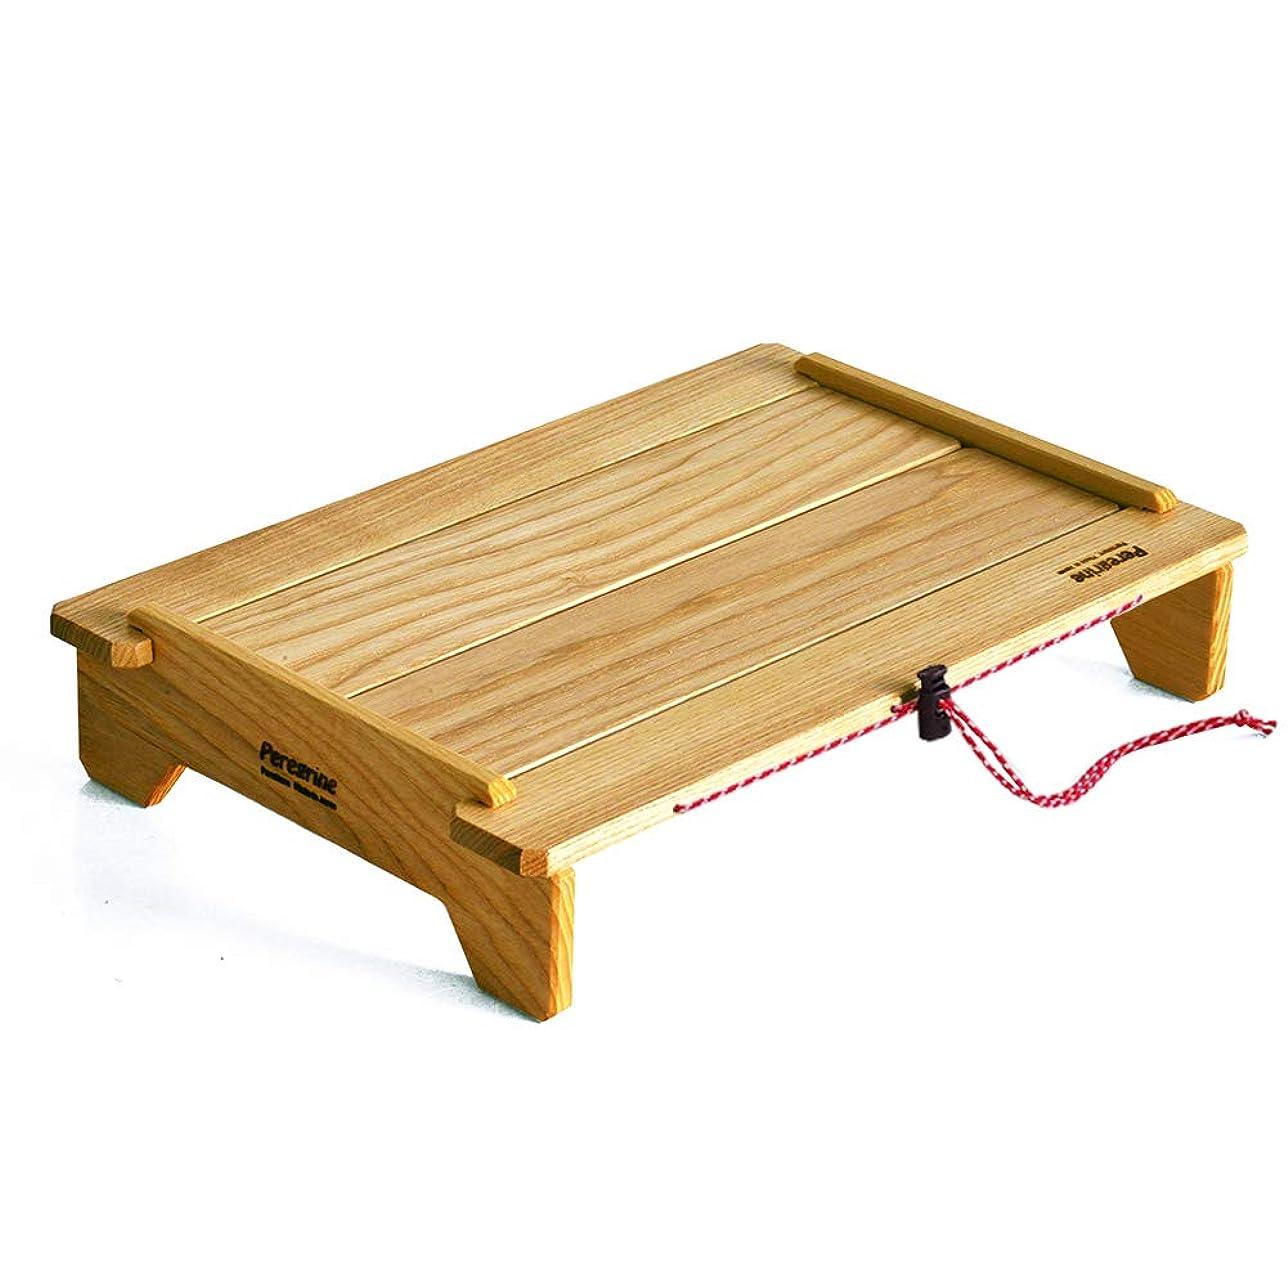 定常カナダ影響を受けやすいですペレグリンファニチャー アルマジロ テーブル [タモ材/レッドライン ] Peregrine Furniture Armadillo Table